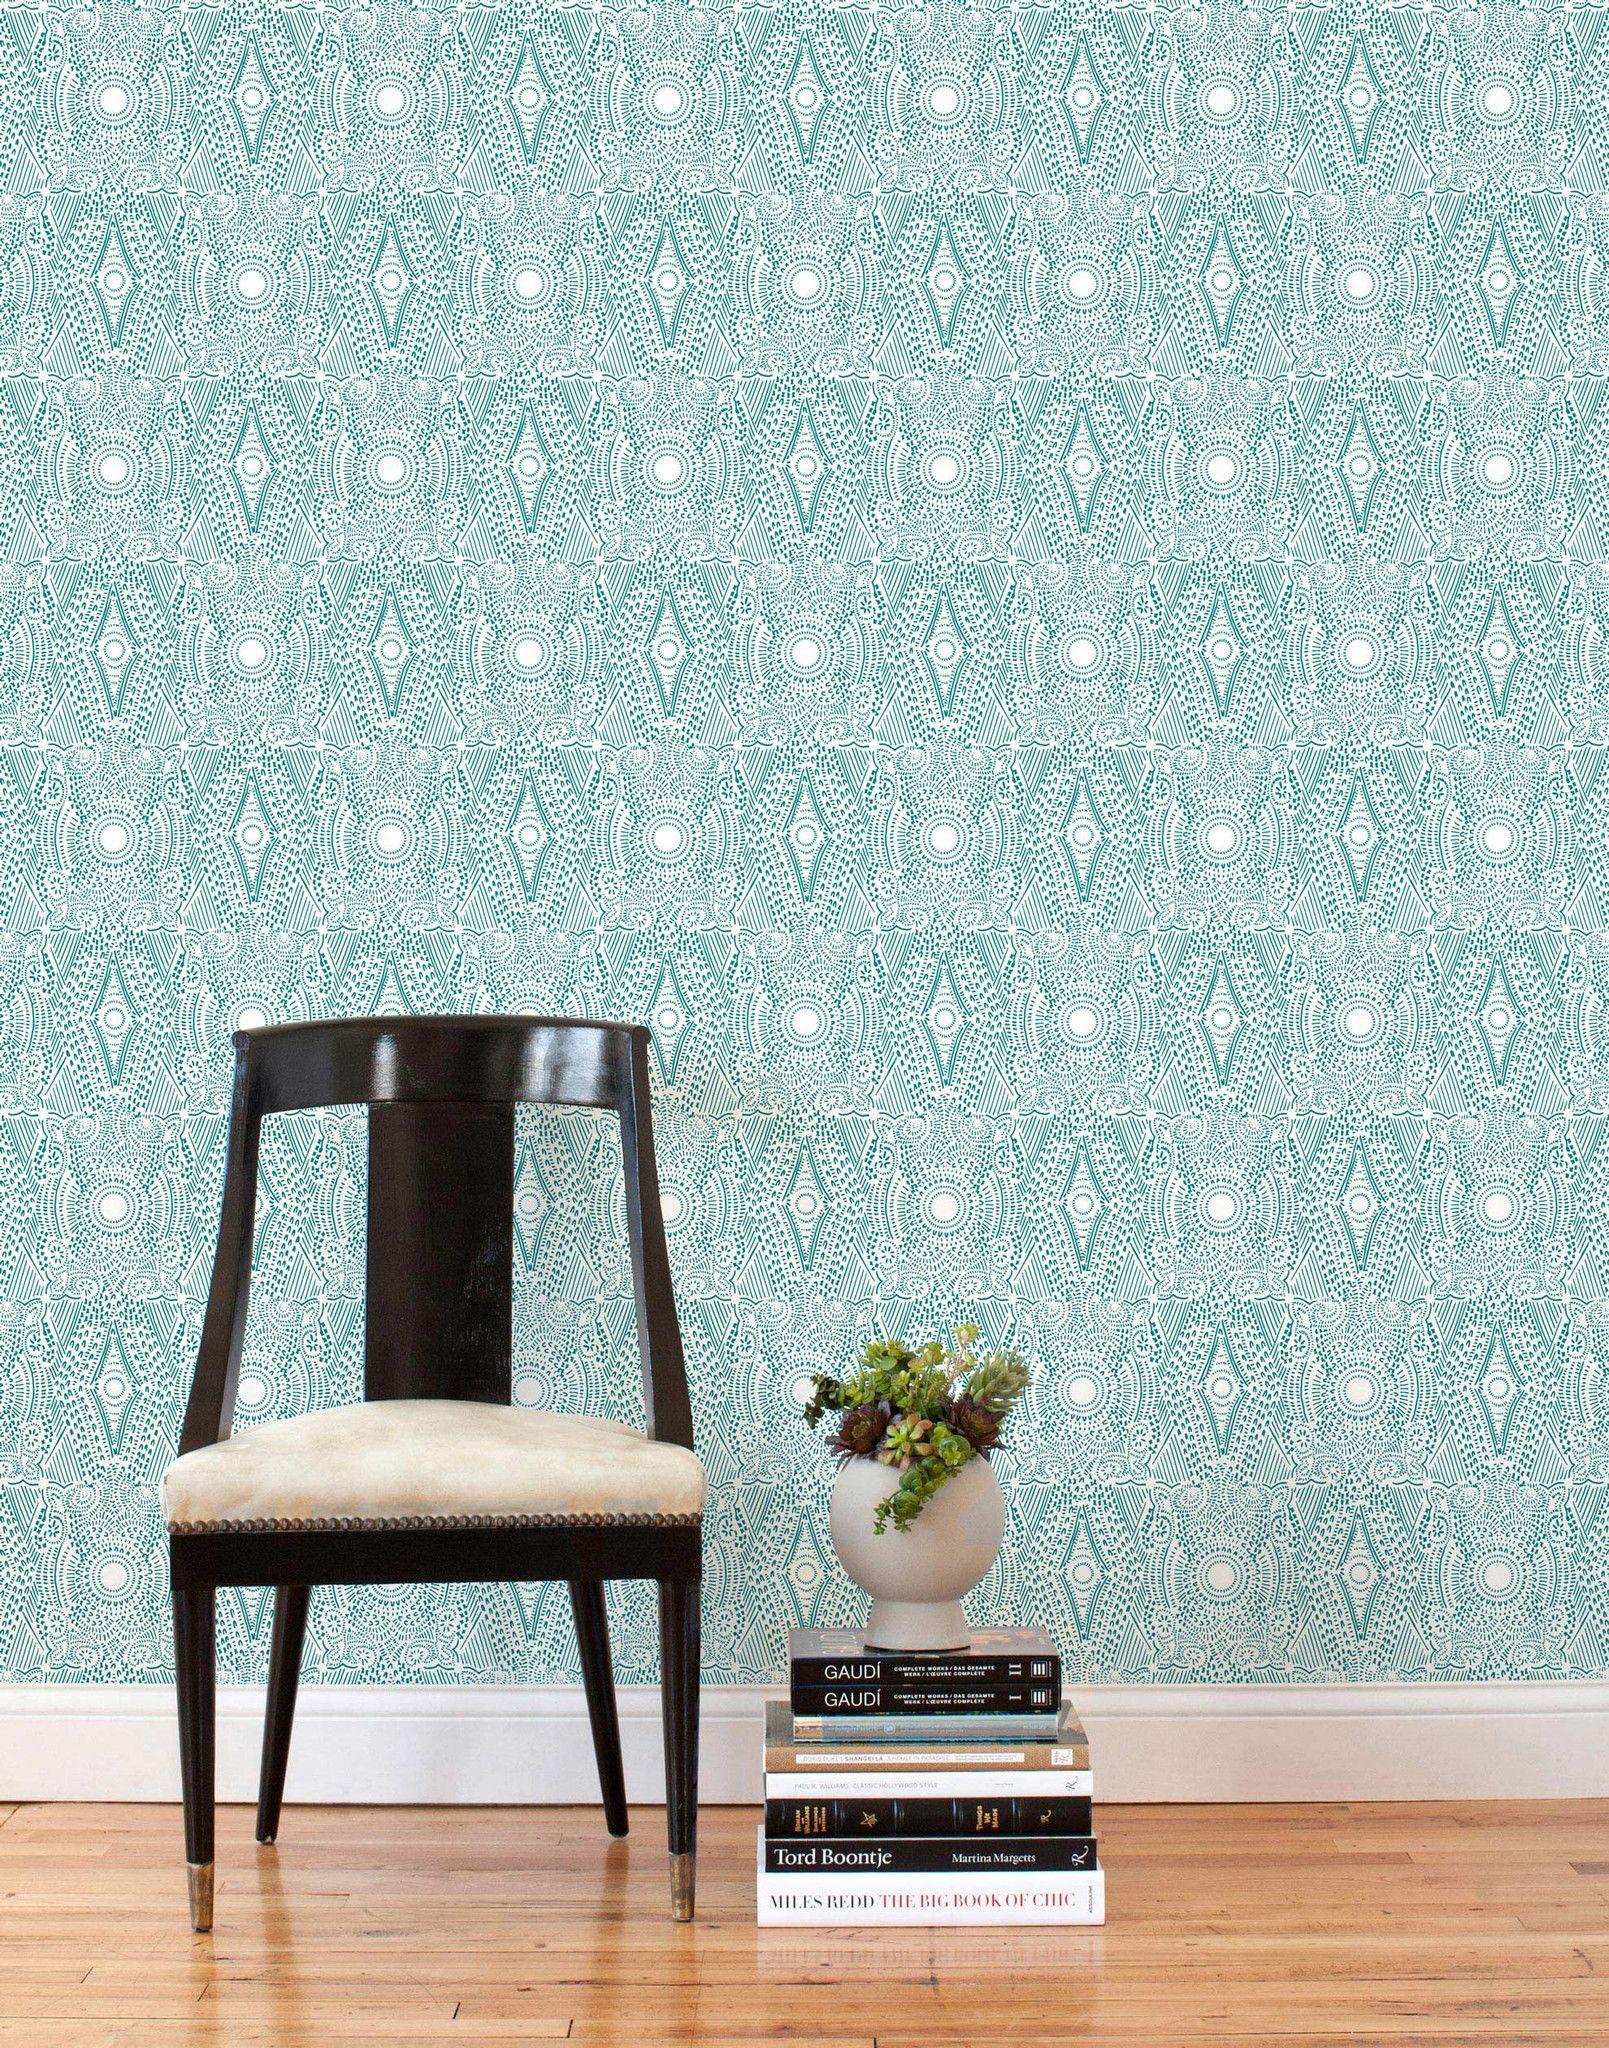 Diamante (Turquoise) Tiles Turquoise tile, Temporary